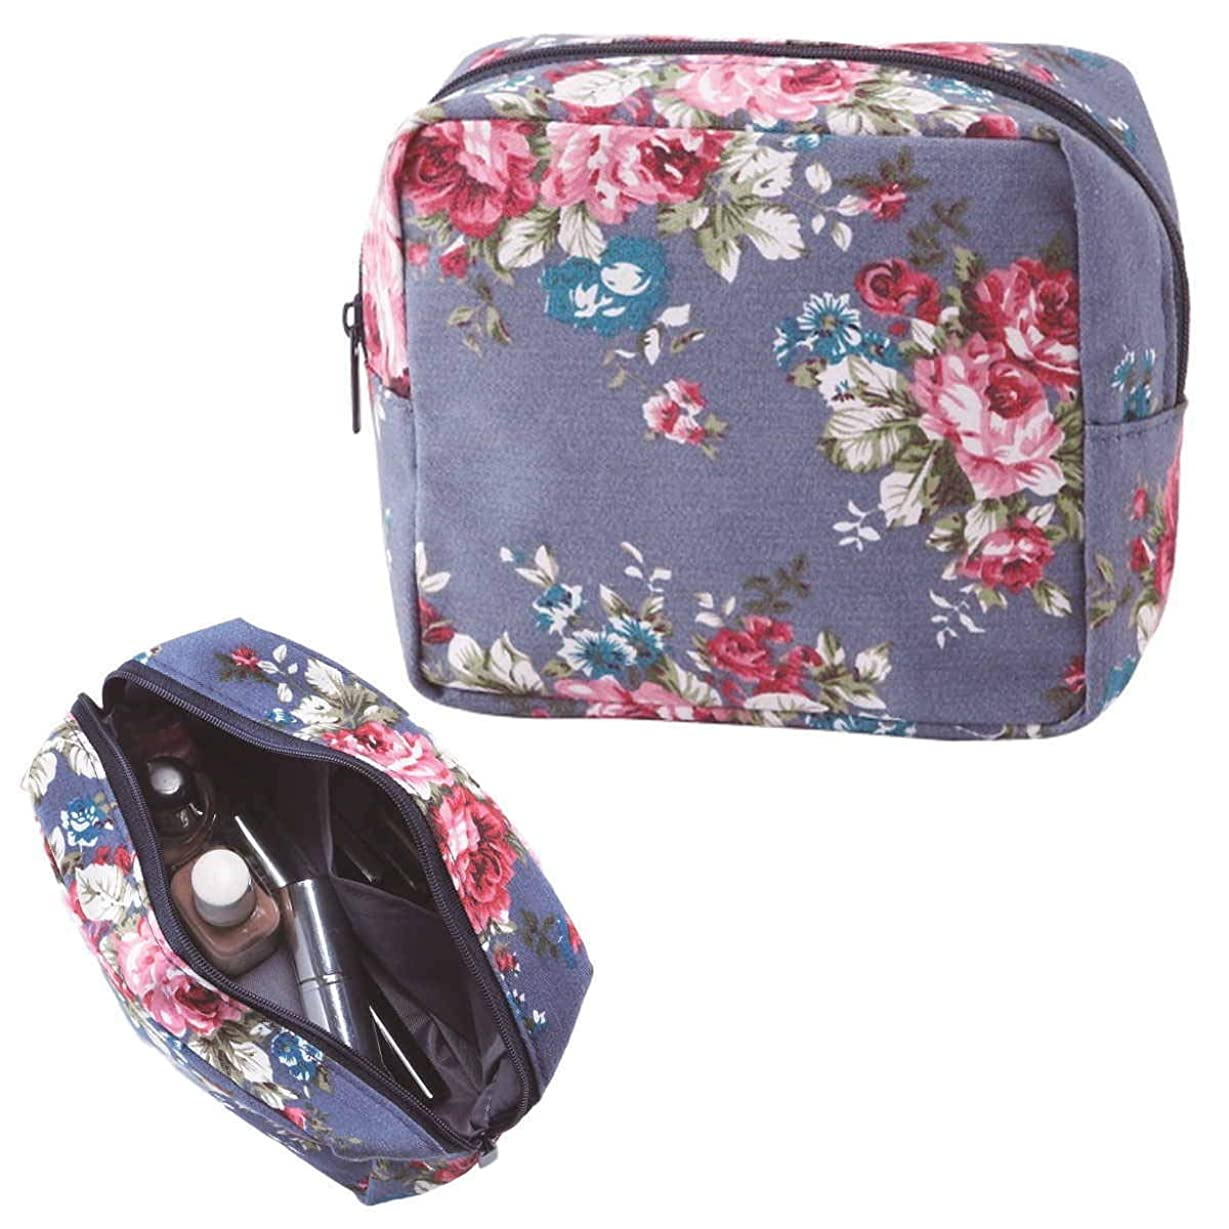 バラ色刺しますスクレーパーレトロ感のあるローズ柄 花柄 化粧ポーチ コスメポーチ ボックス型ポーチ 小物入れ